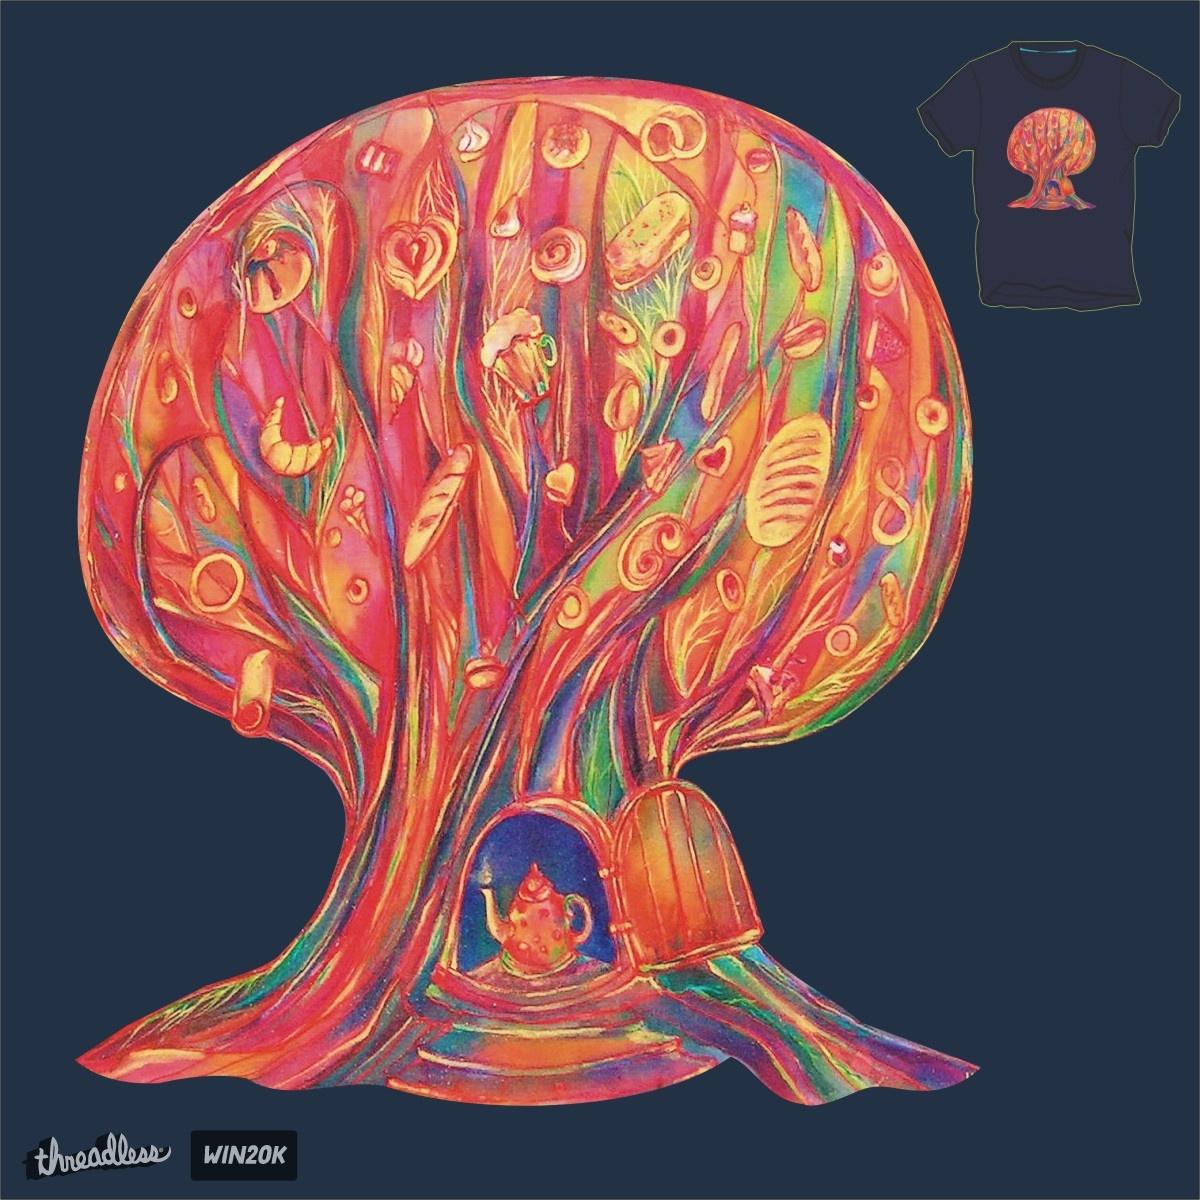 breadfruit tree by Inna1976 on Threadless